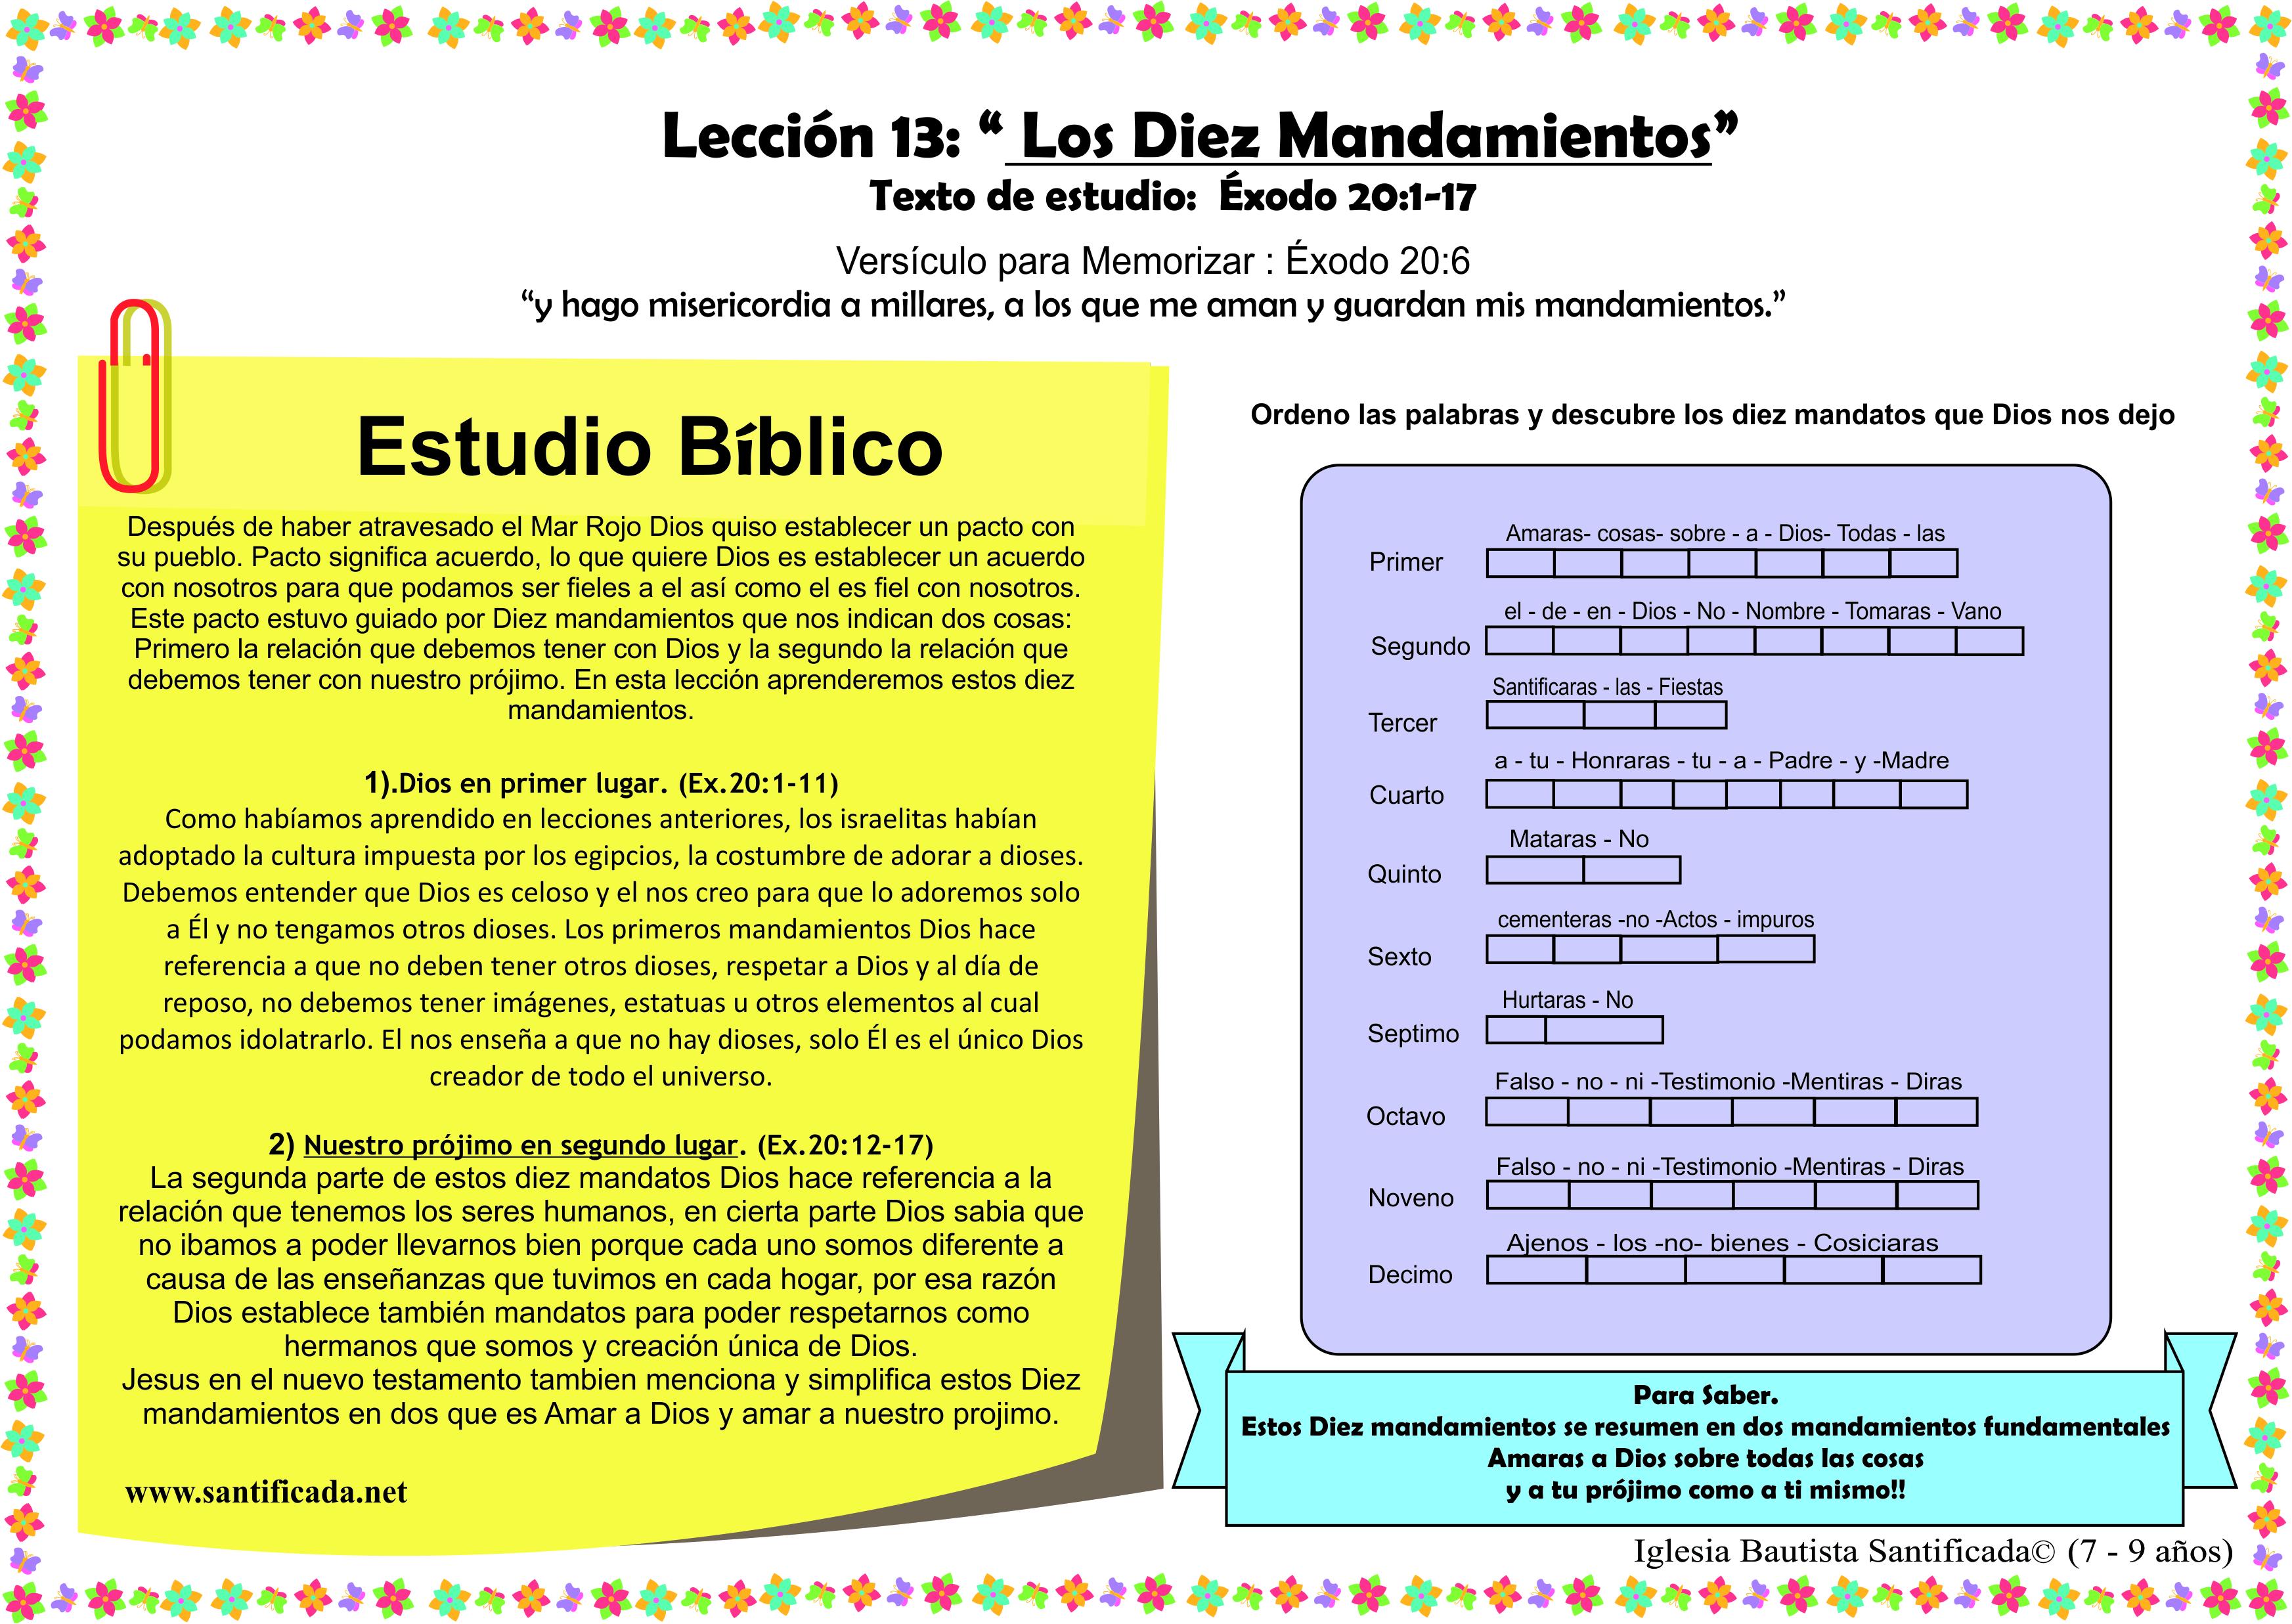 Fotos sobre los diez mandamientos 36